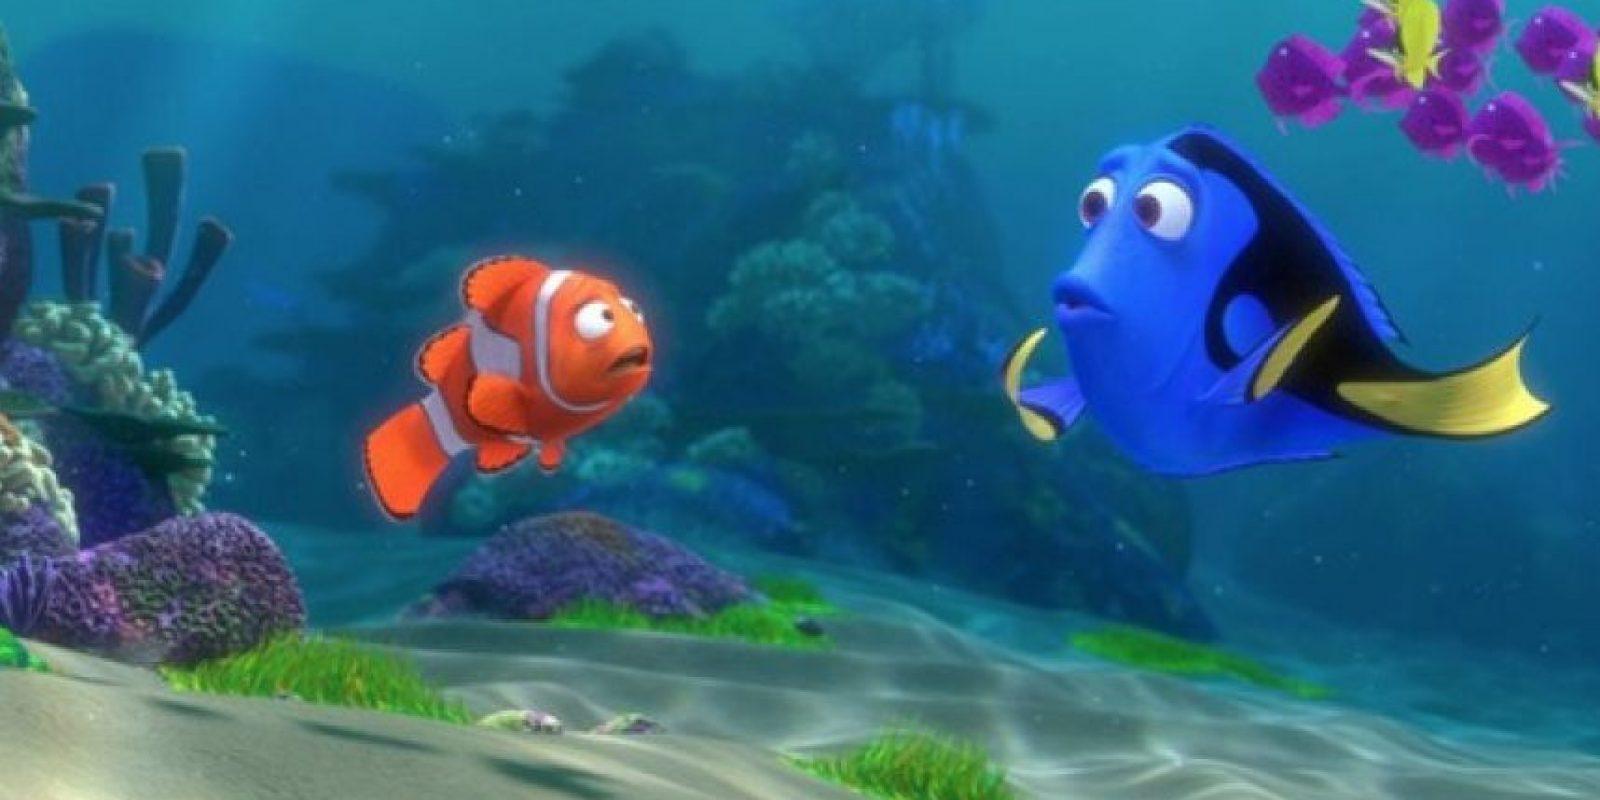 """La historia de """"Buscando a Dory"""" se plantea seis meses después de la primer película, con Dory viviendo tranquilamente con los peces payasos. Foto:Disney"""